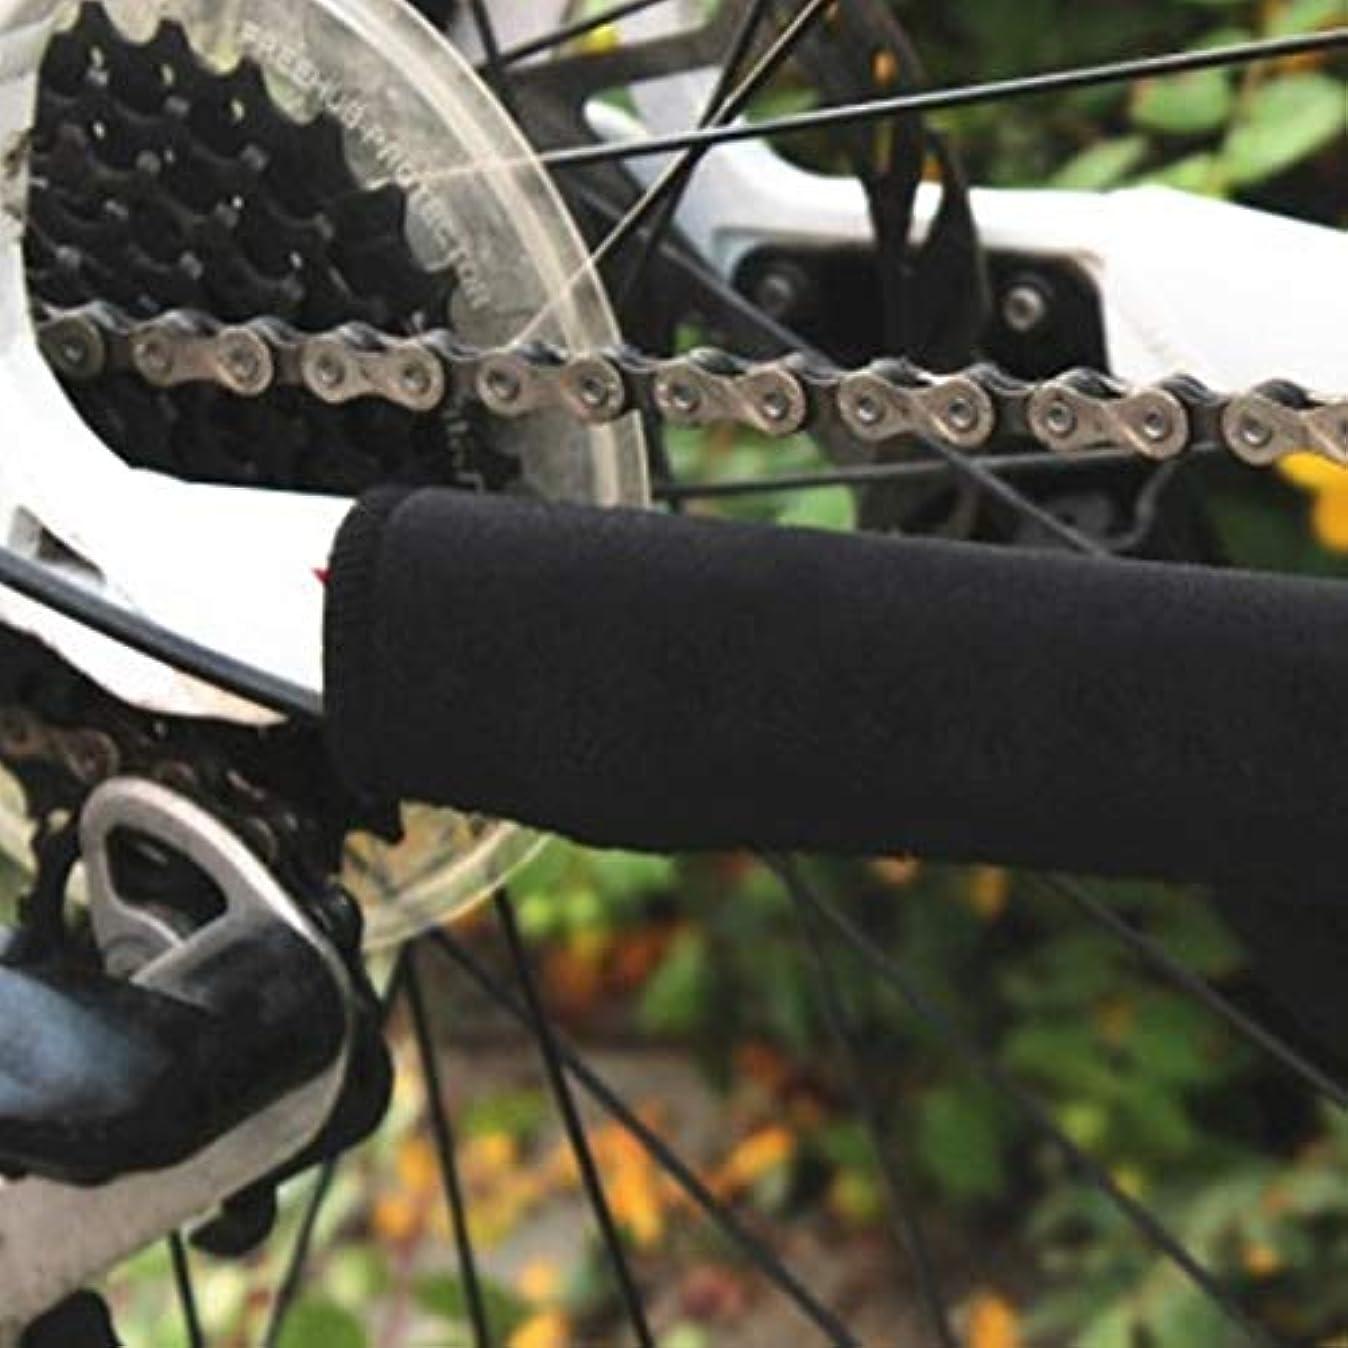 なくなるスタッフ従順自転車インナーチューブ - 2ピース 21x10cm 自転車 サイクリング チェーン フレーム チューブ ラップ ガード カバー フレーム プロテクター 自転車 ステッカー